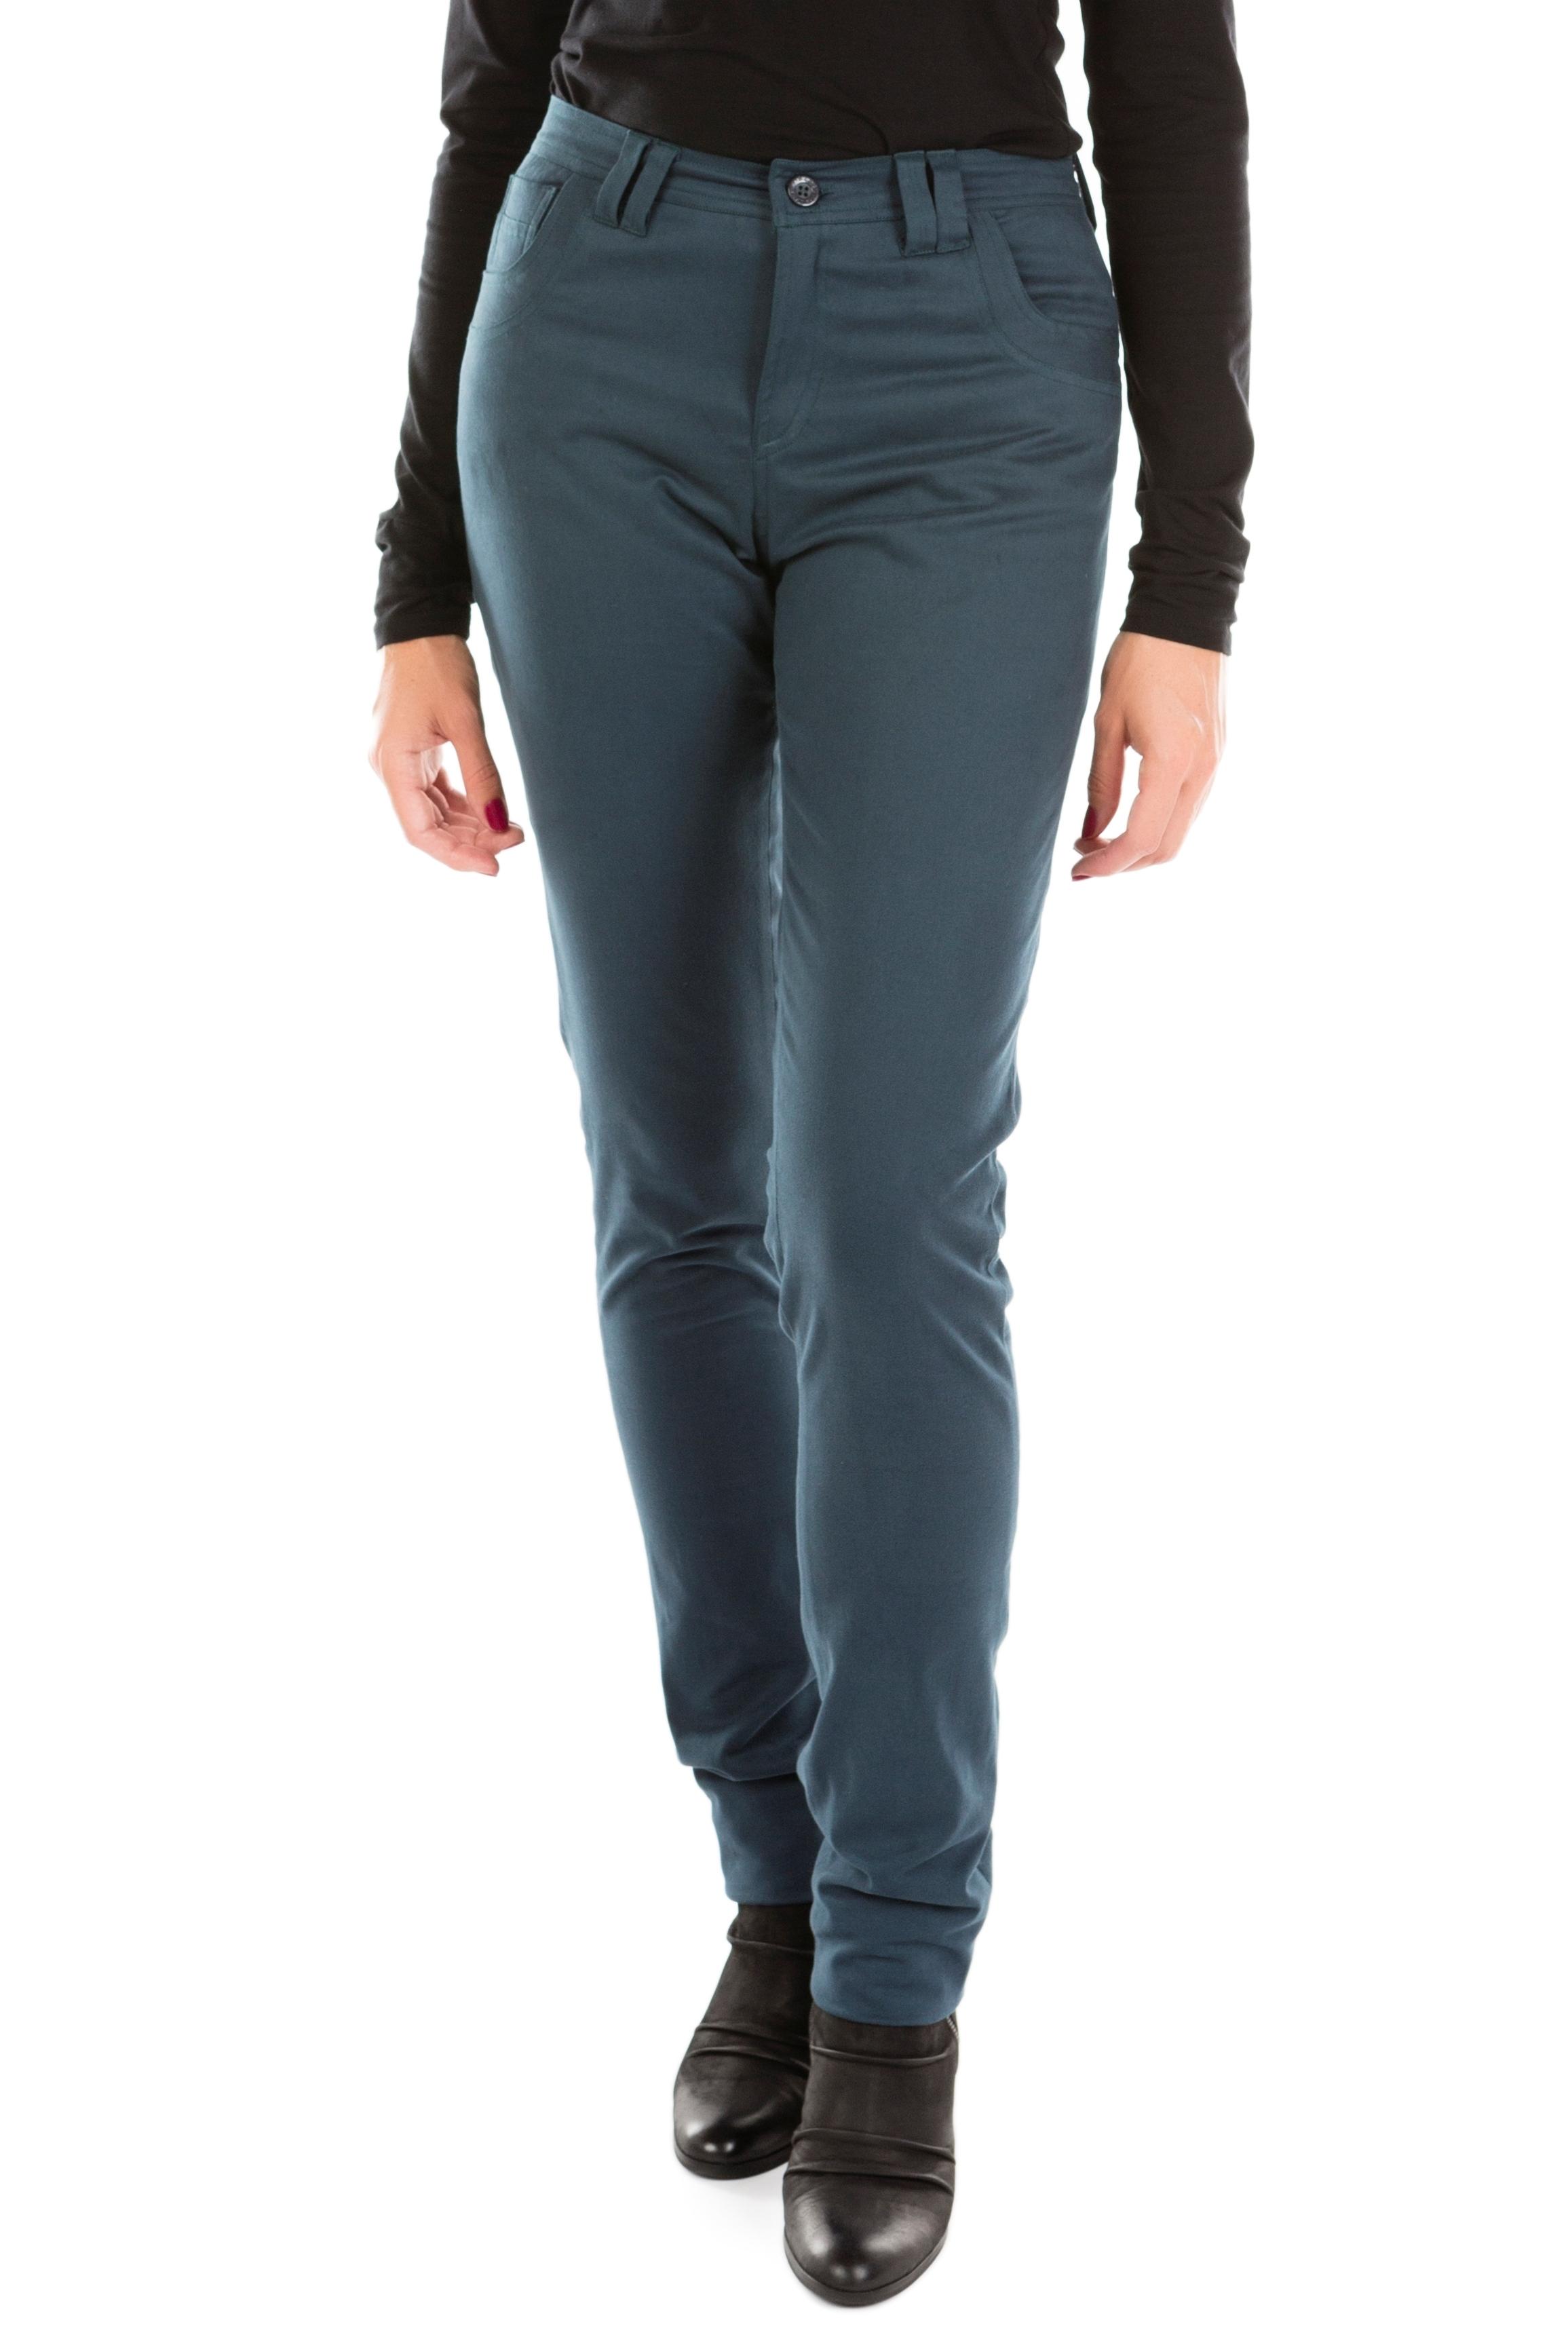 Jeans bleu pétrole